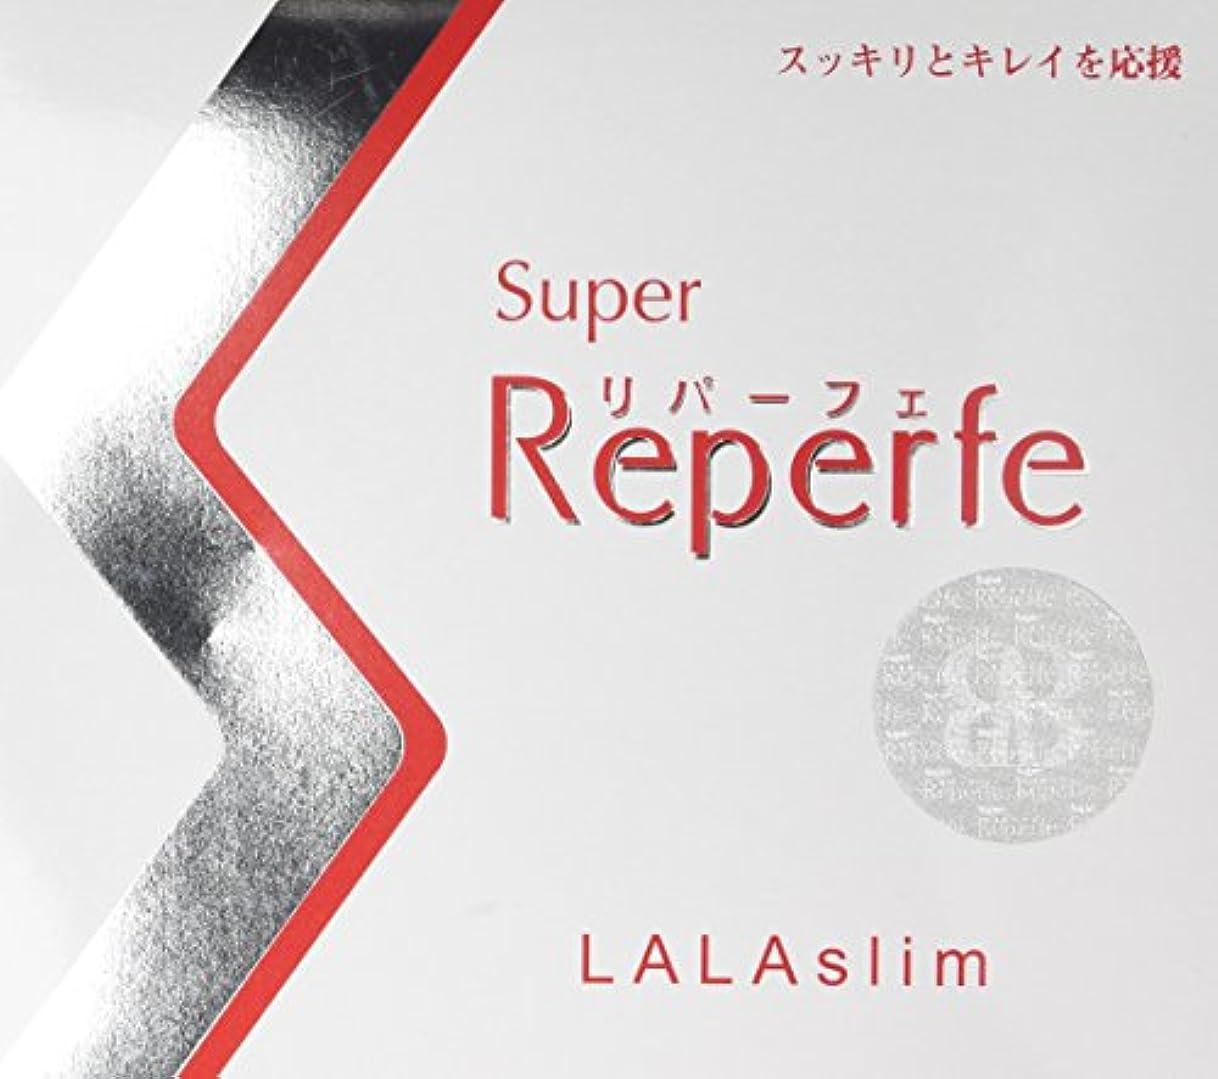 収入男性ズボンスーパーリパーフェ ララスリム 錠剤タイプ